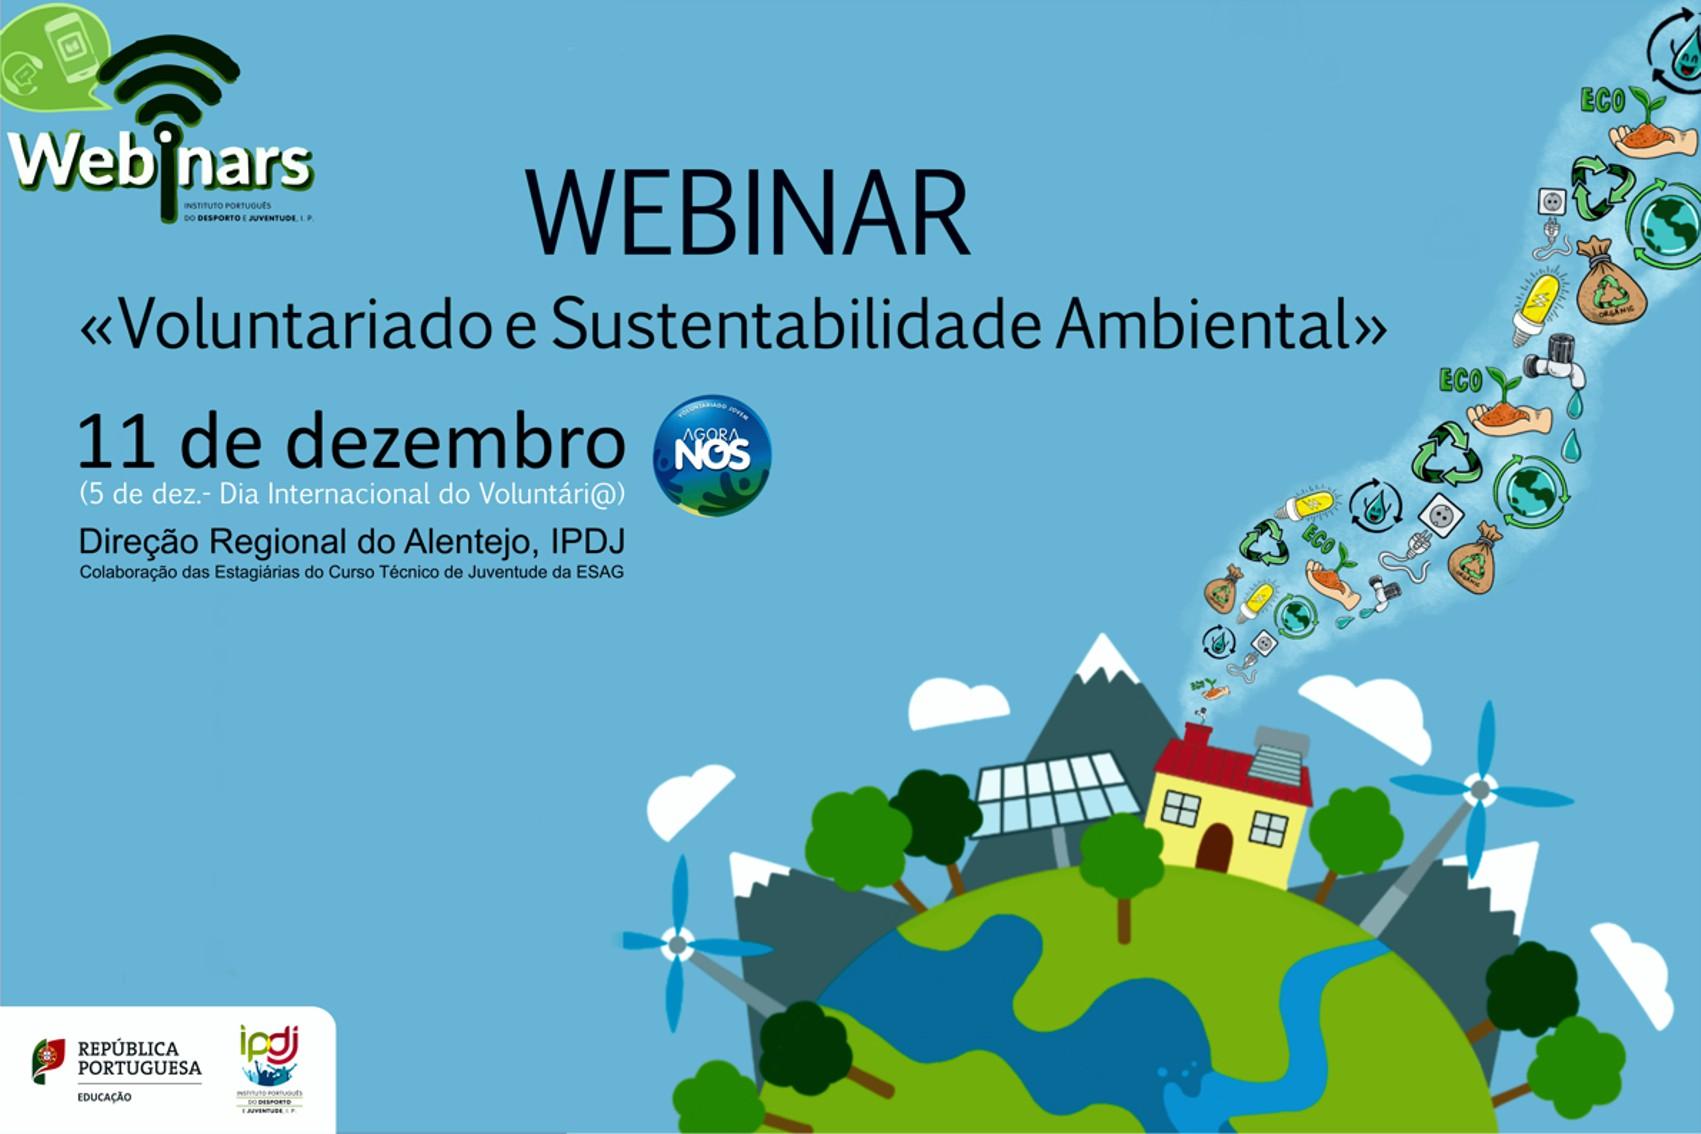 Cartaz com desenhos alusivos ao desenvolvimento sustentável